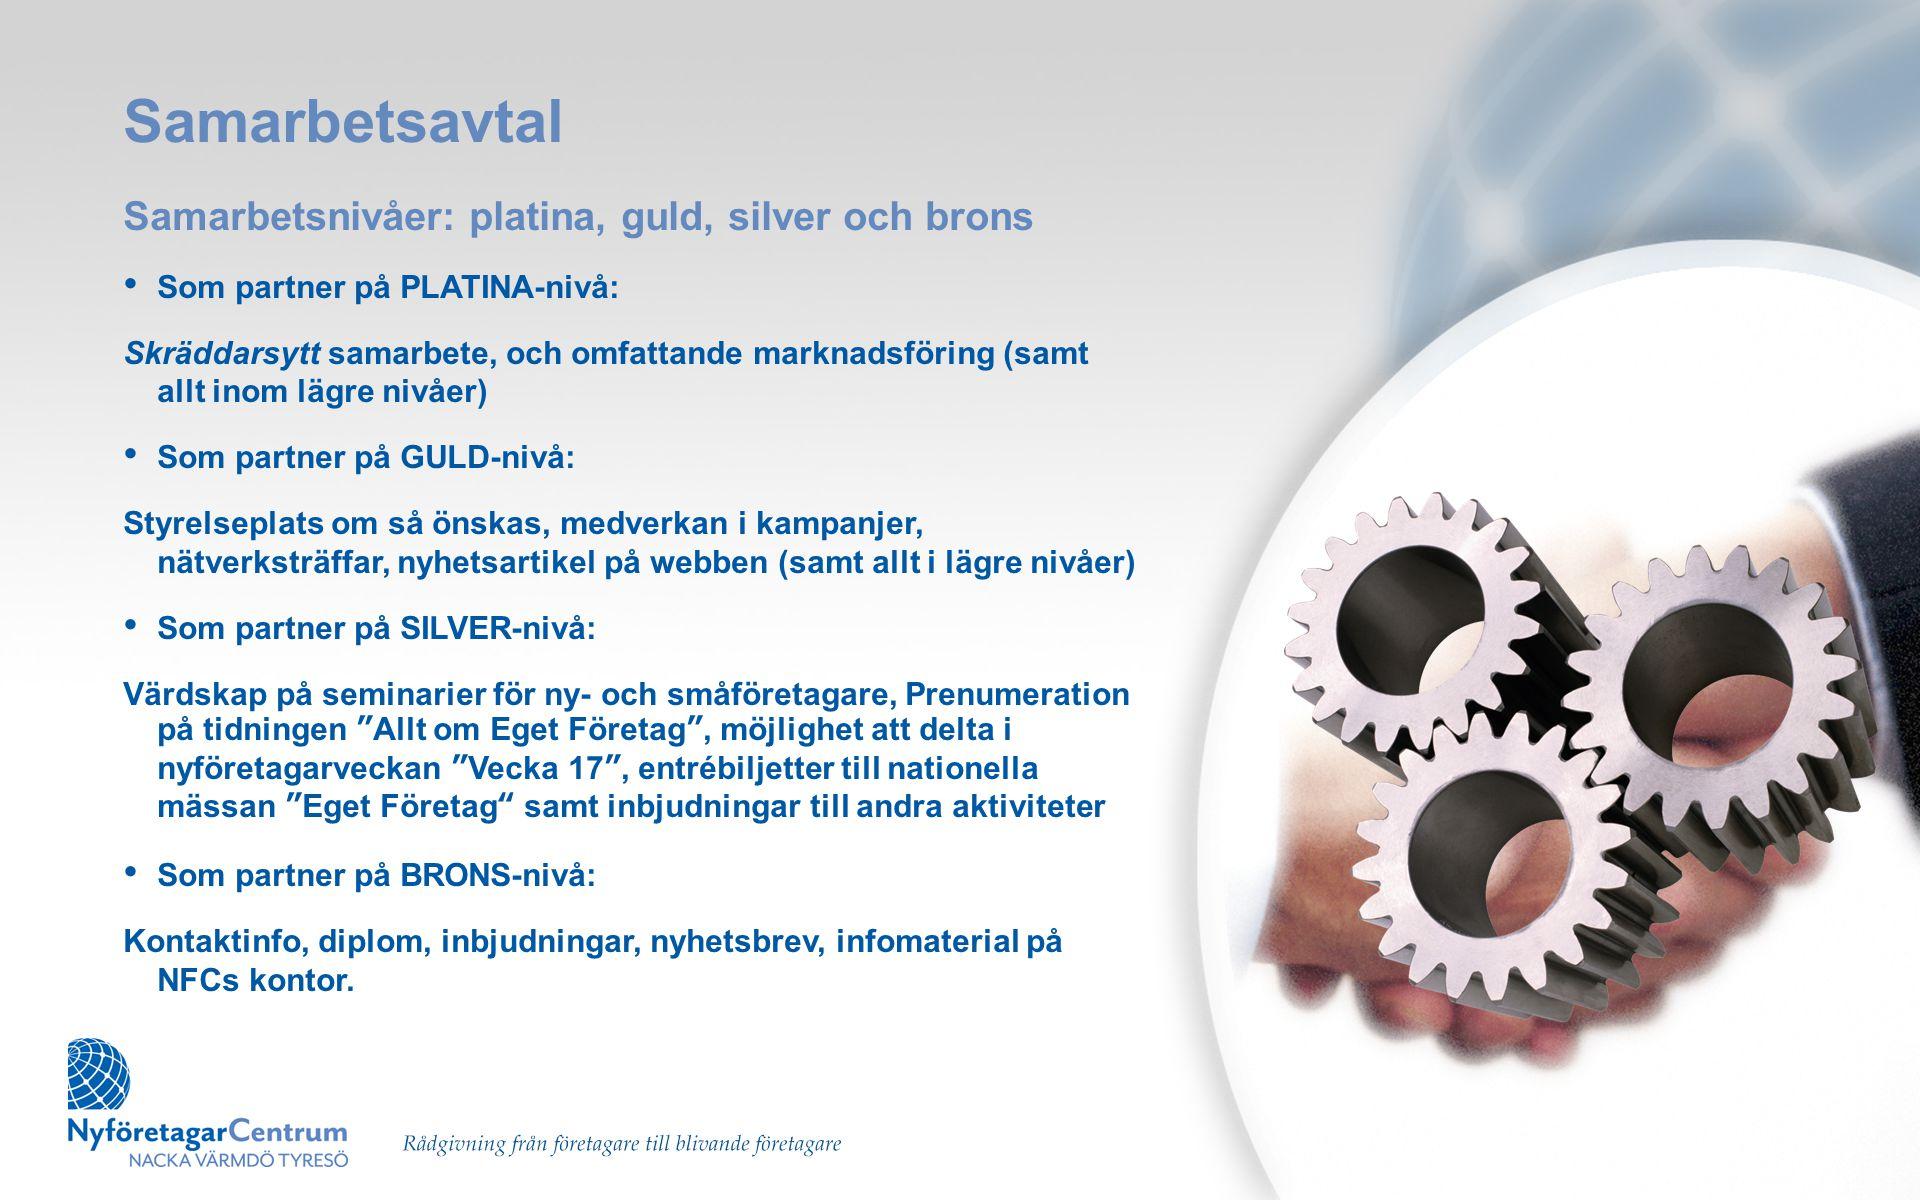 Samarbetsavtal Samarbetsnivåer: platina, guld, silver och brons • Som partner på PLATINA-nivå: Skräddarsytt samarbete, och omfattande marknadsföring (